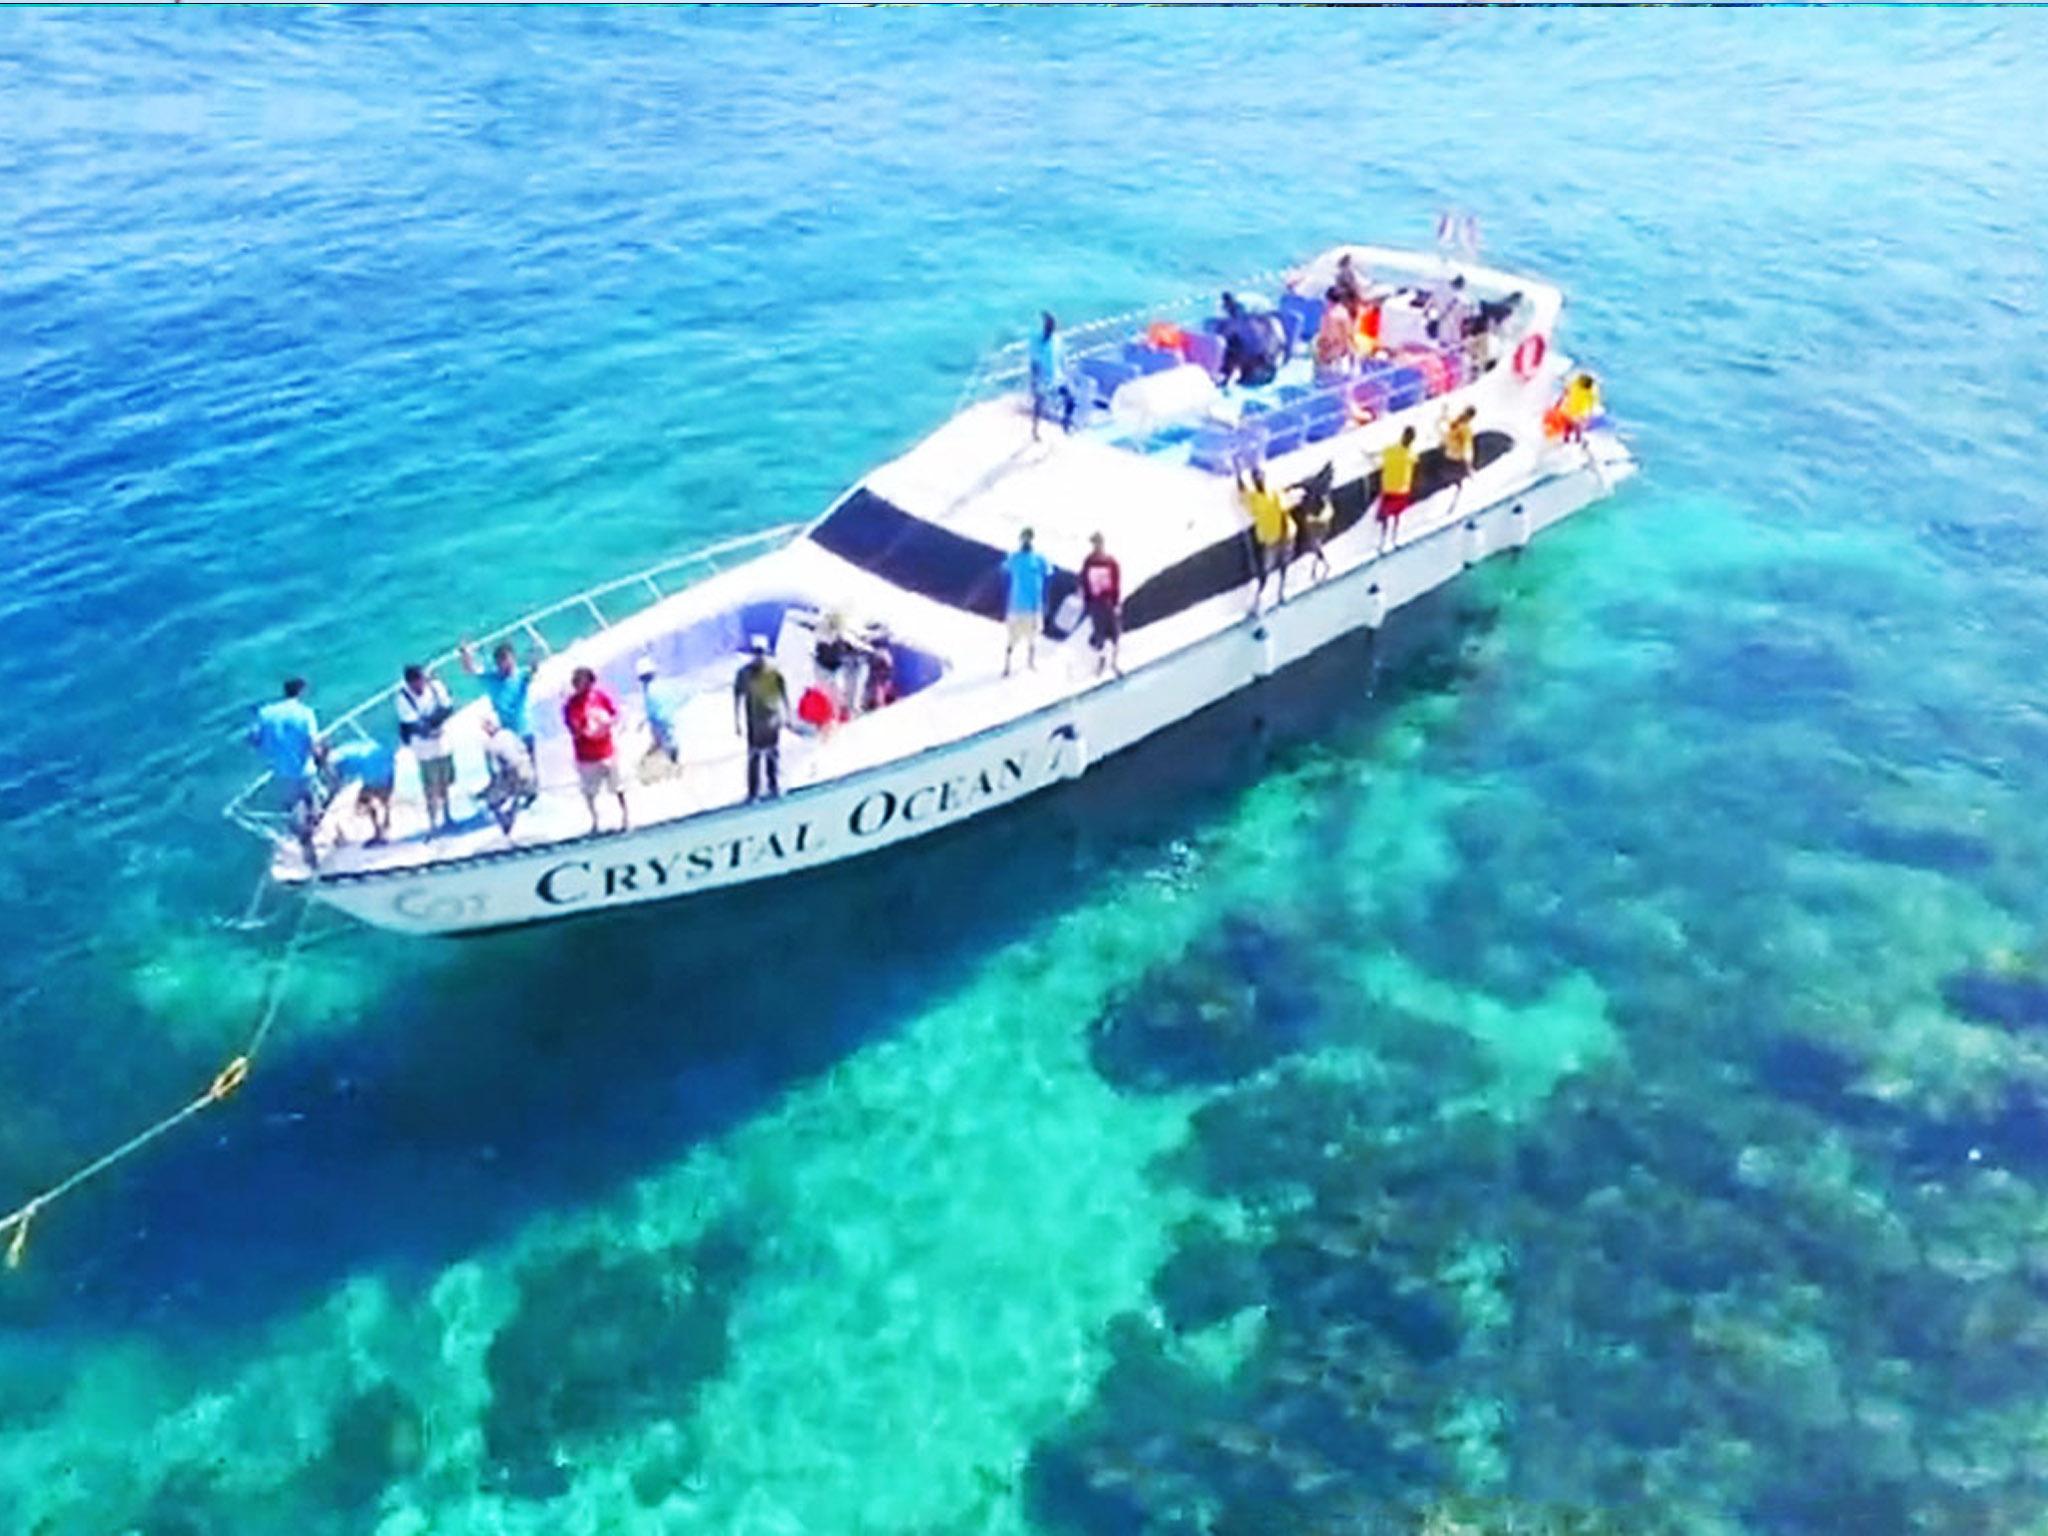 巴厘岛+蓝梦岛4晚5日游(hx直飞,2晚海边国五+1晚蓝梦岛度假村,国五